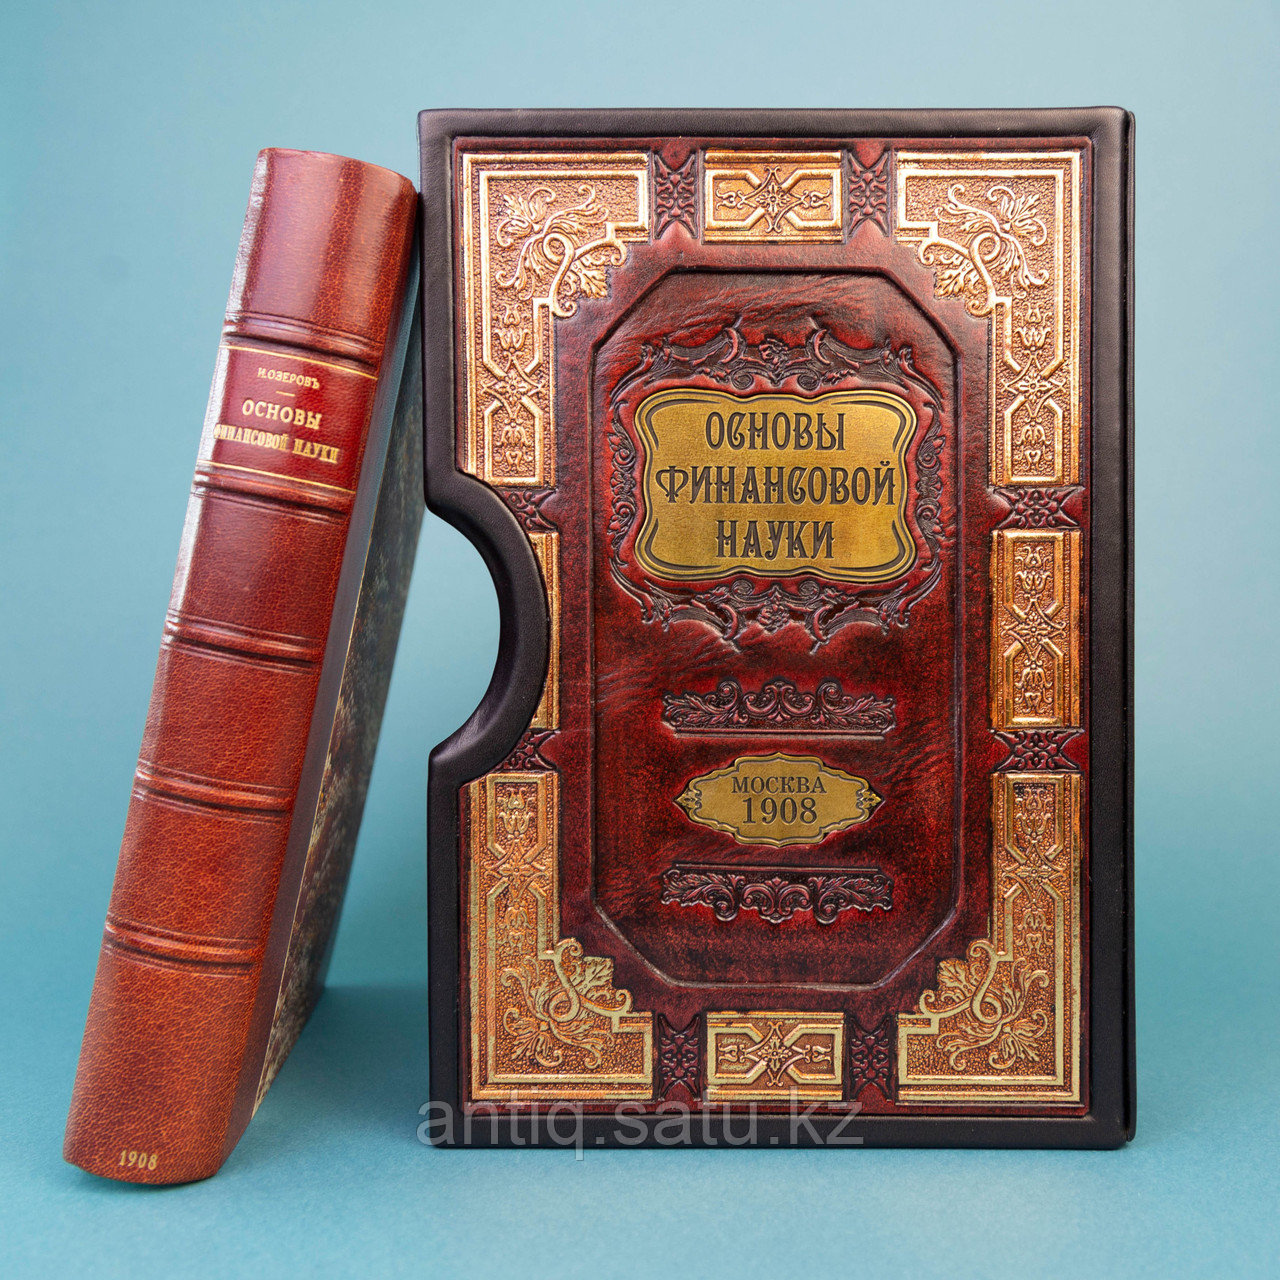 Основы финансовой науки. Автор: И.Х. Озеров. Москва, 1908 год, прижизненное издание. - фото 5